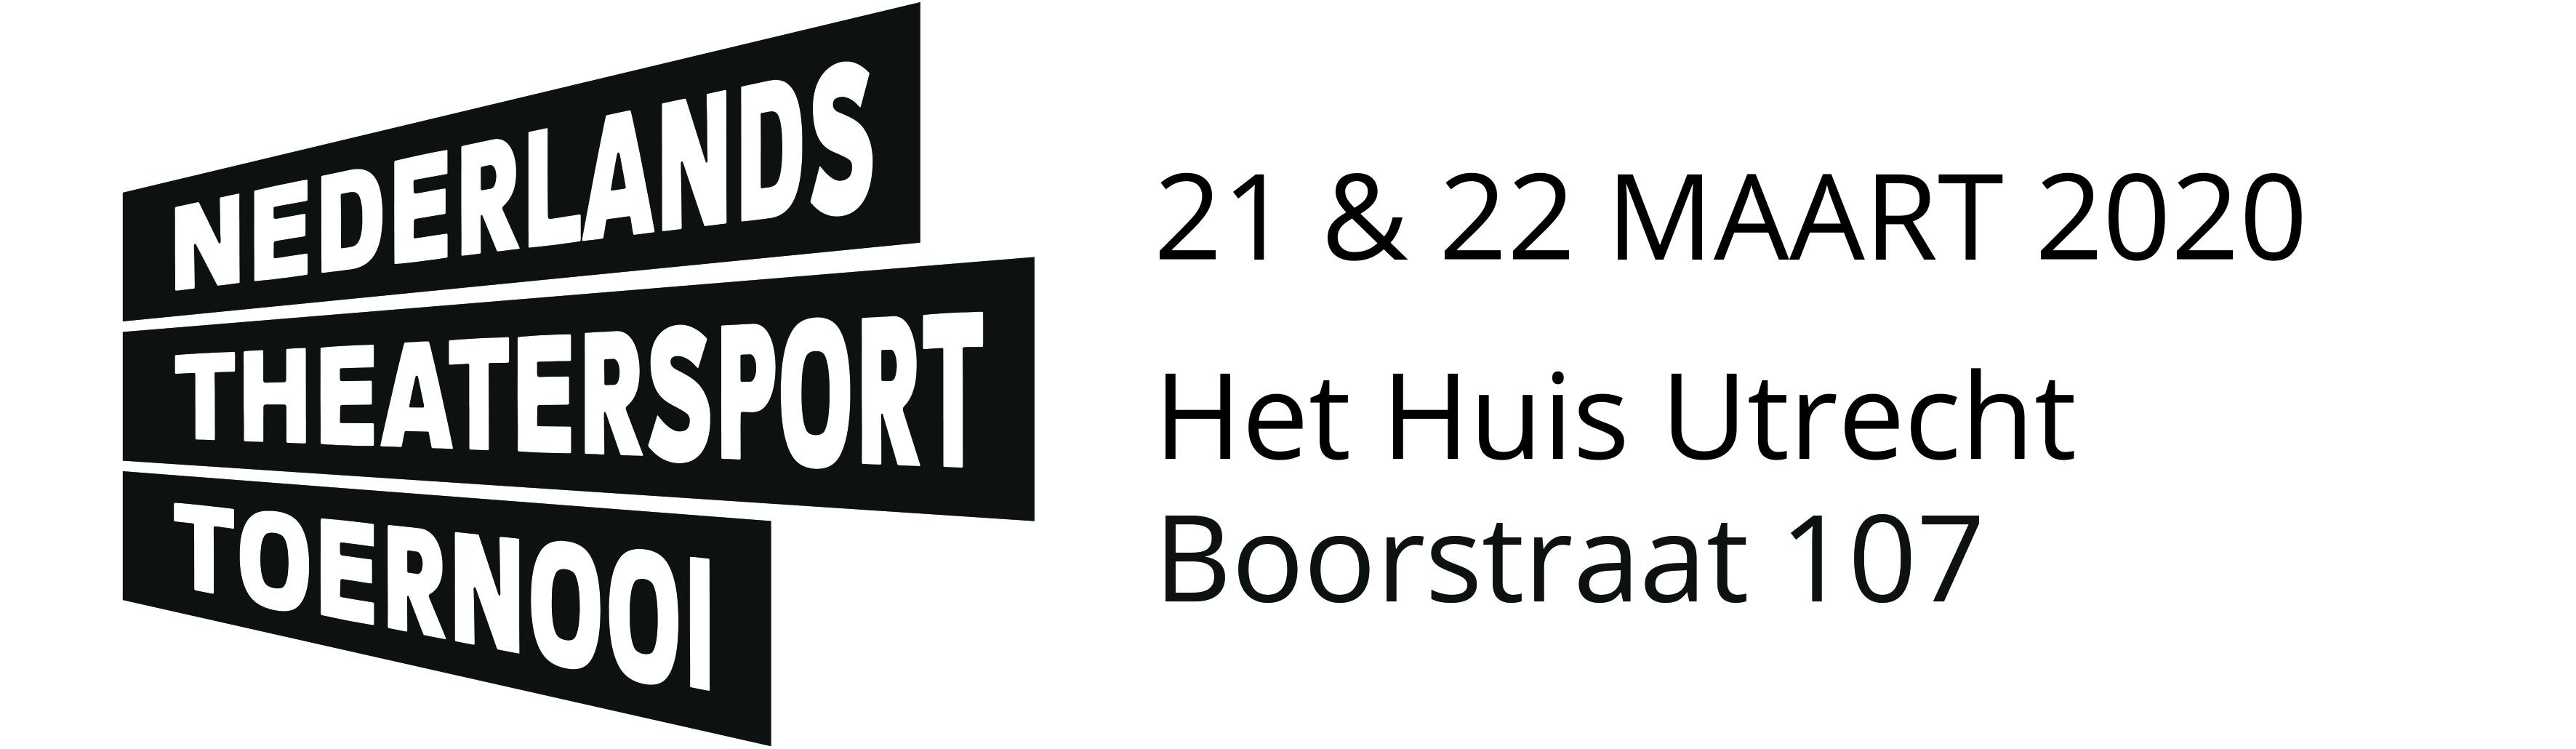 Nederlands Theatersport Toernooi